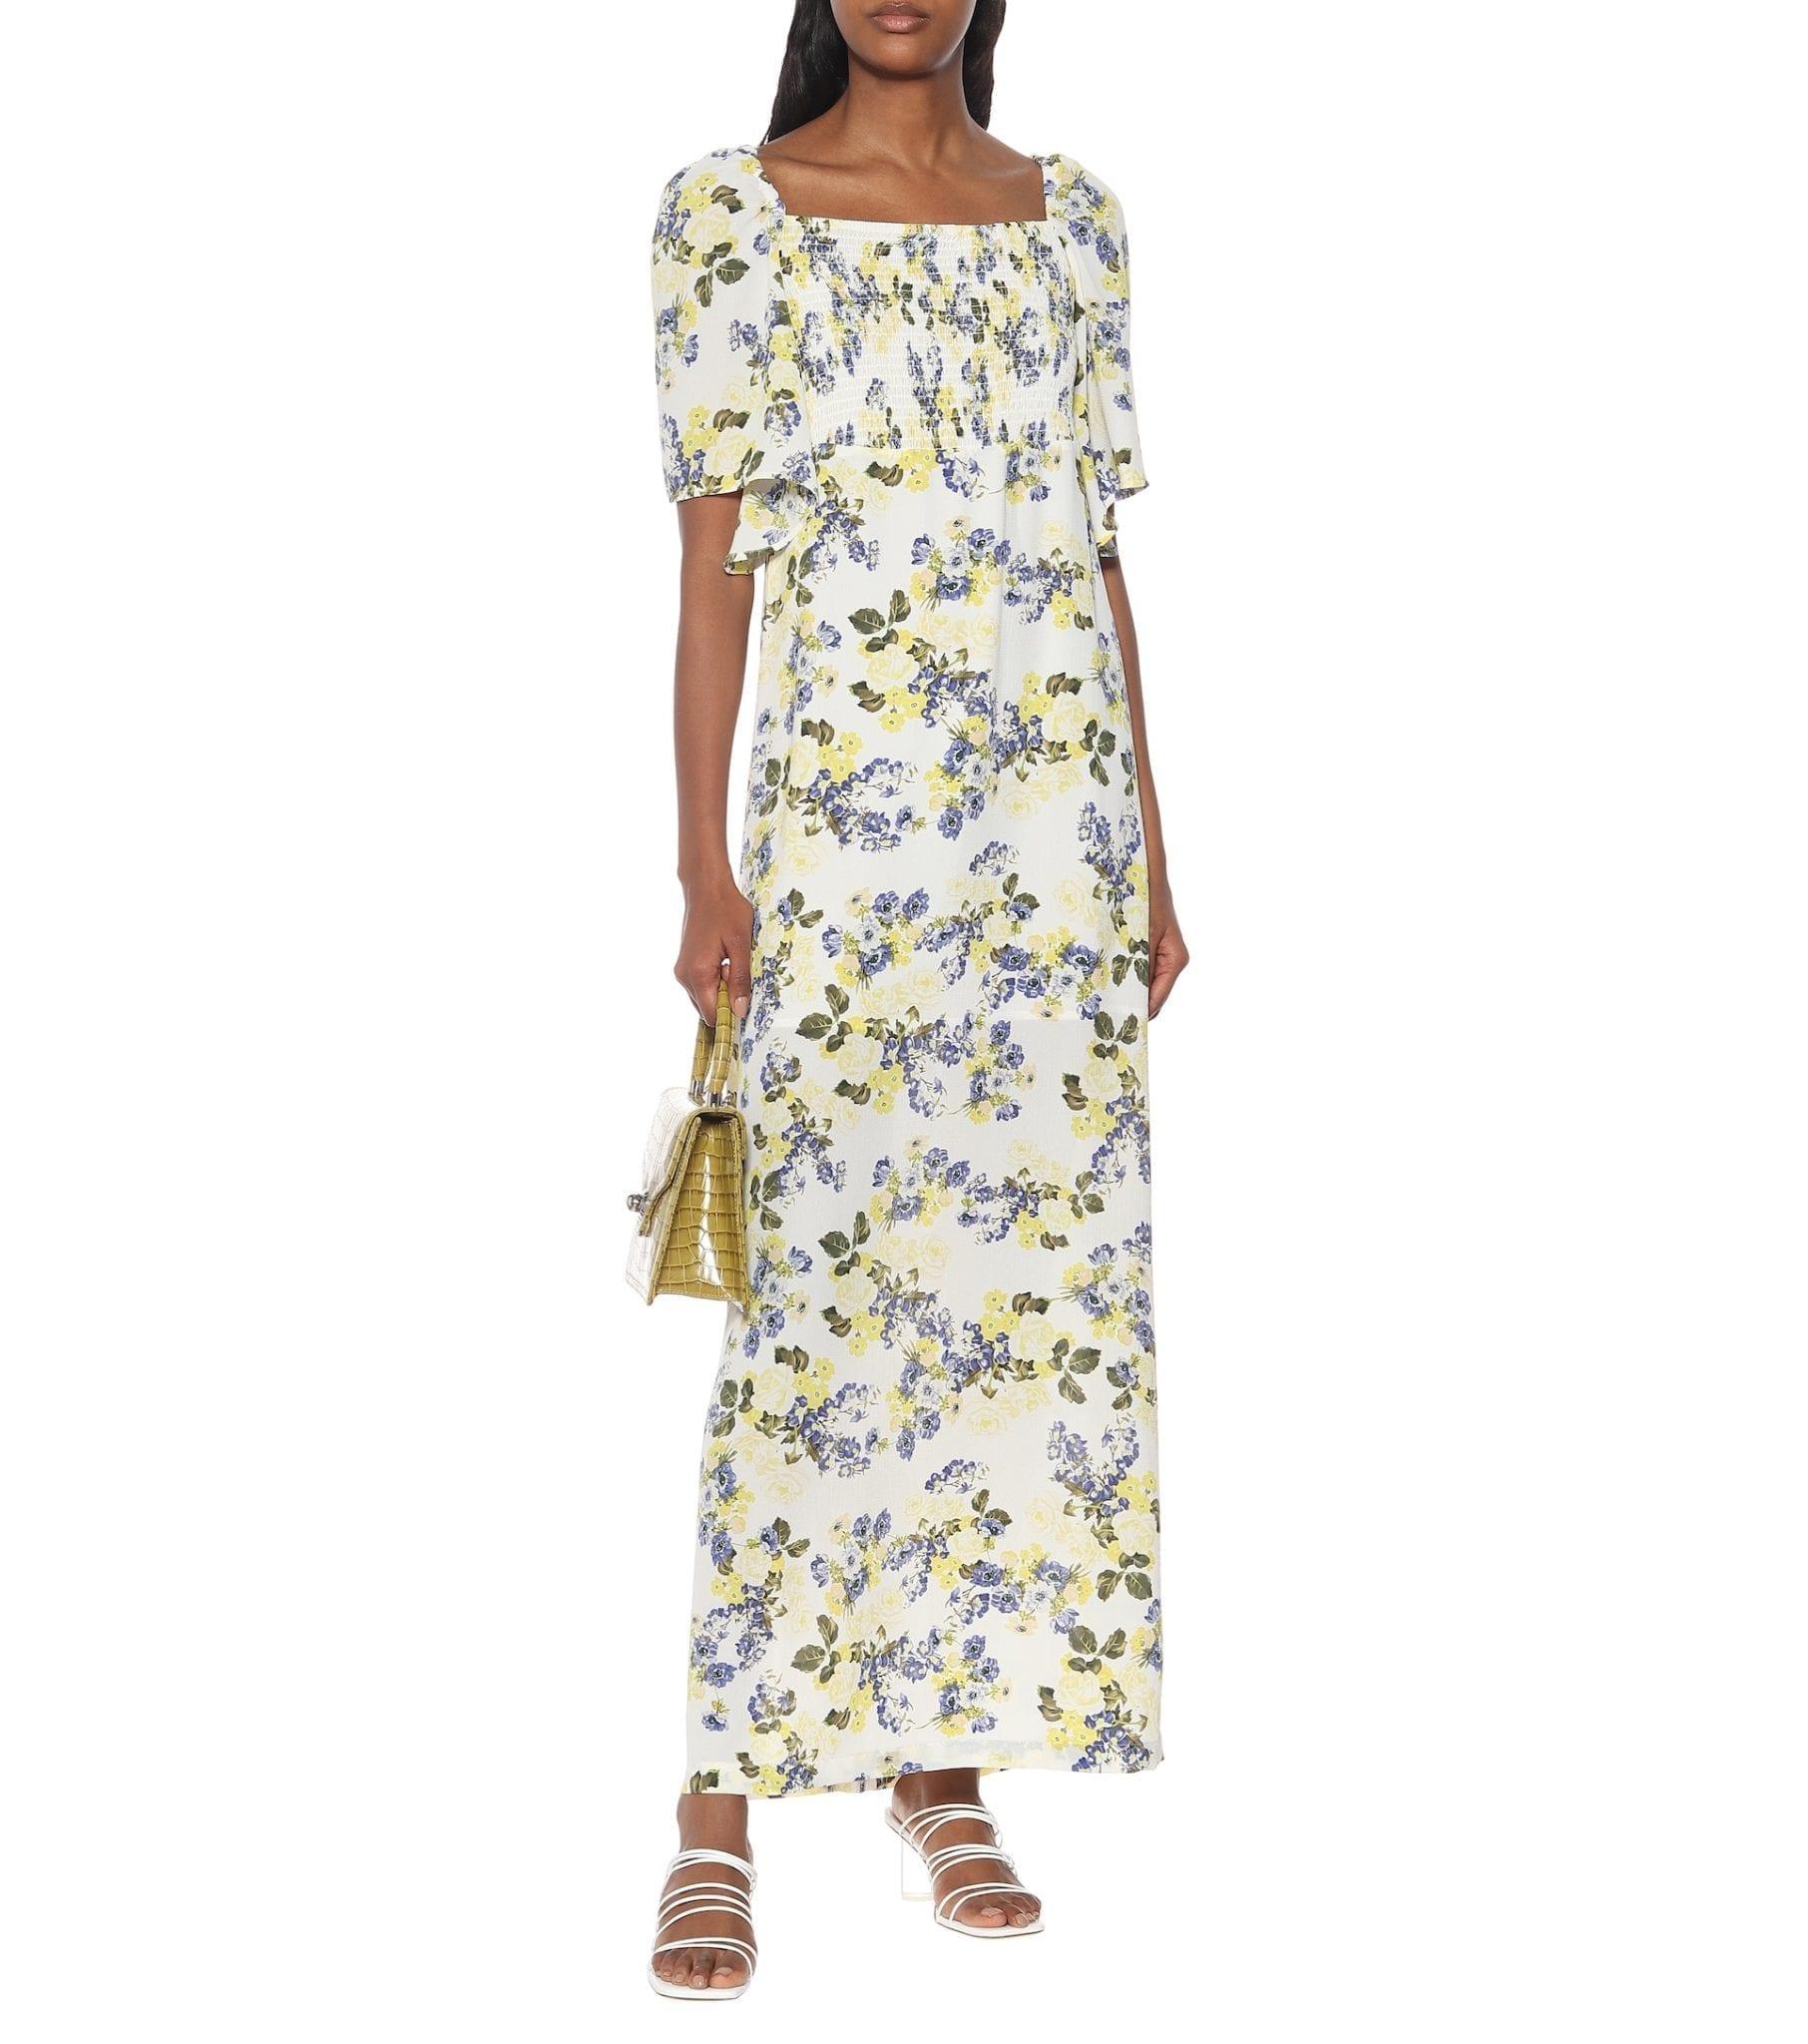 BAUM UND PFERDGARTEN Exclusive To Mytheresa – Atena Floral Maxi Dress